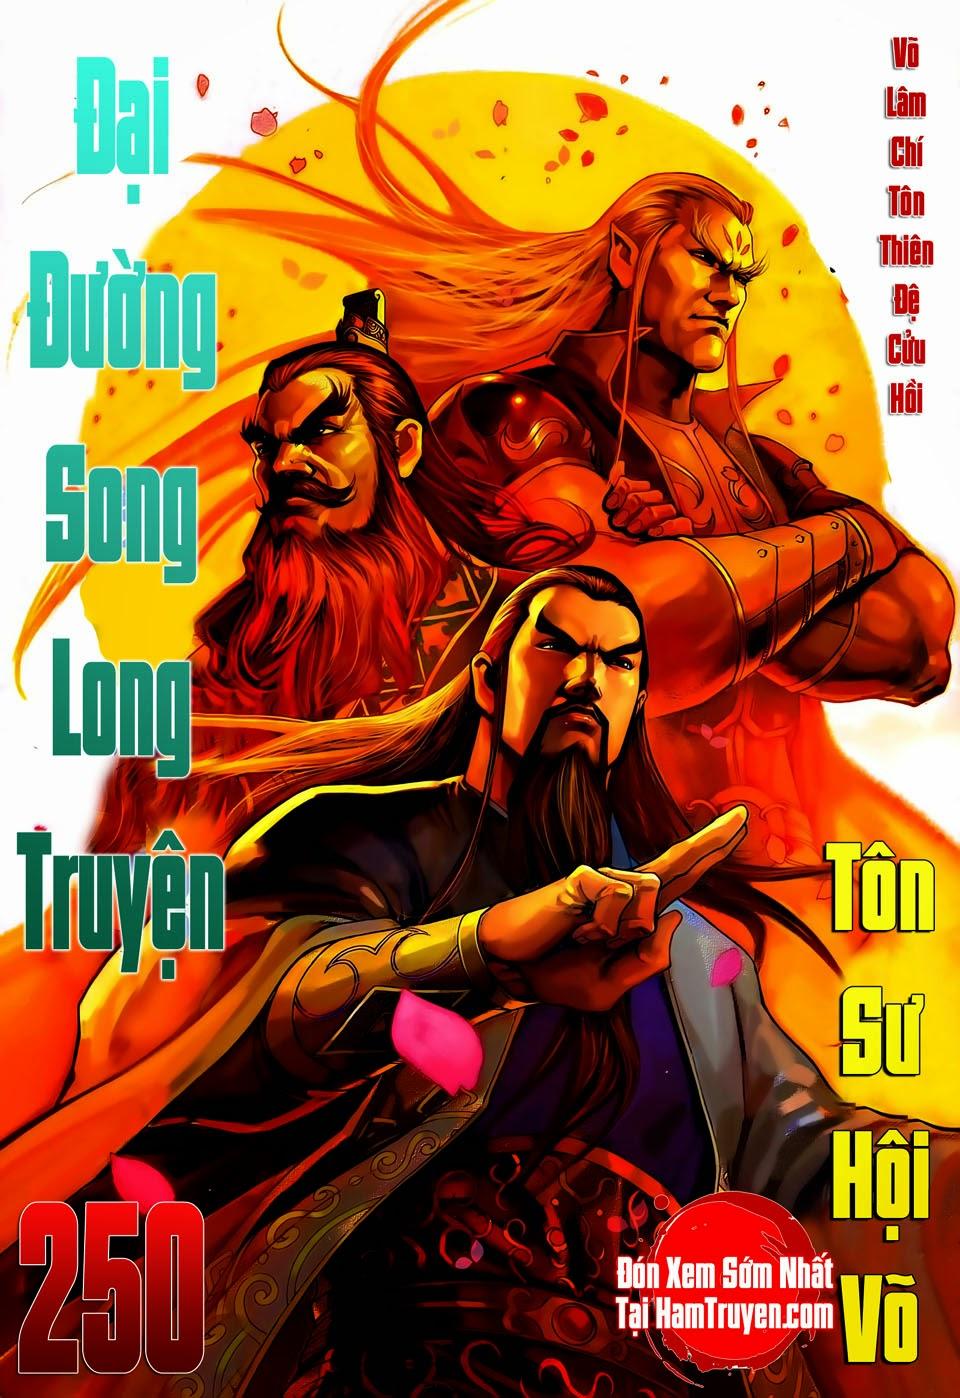 Đại Đường Song Long Truyện chap 250 - Trang 1